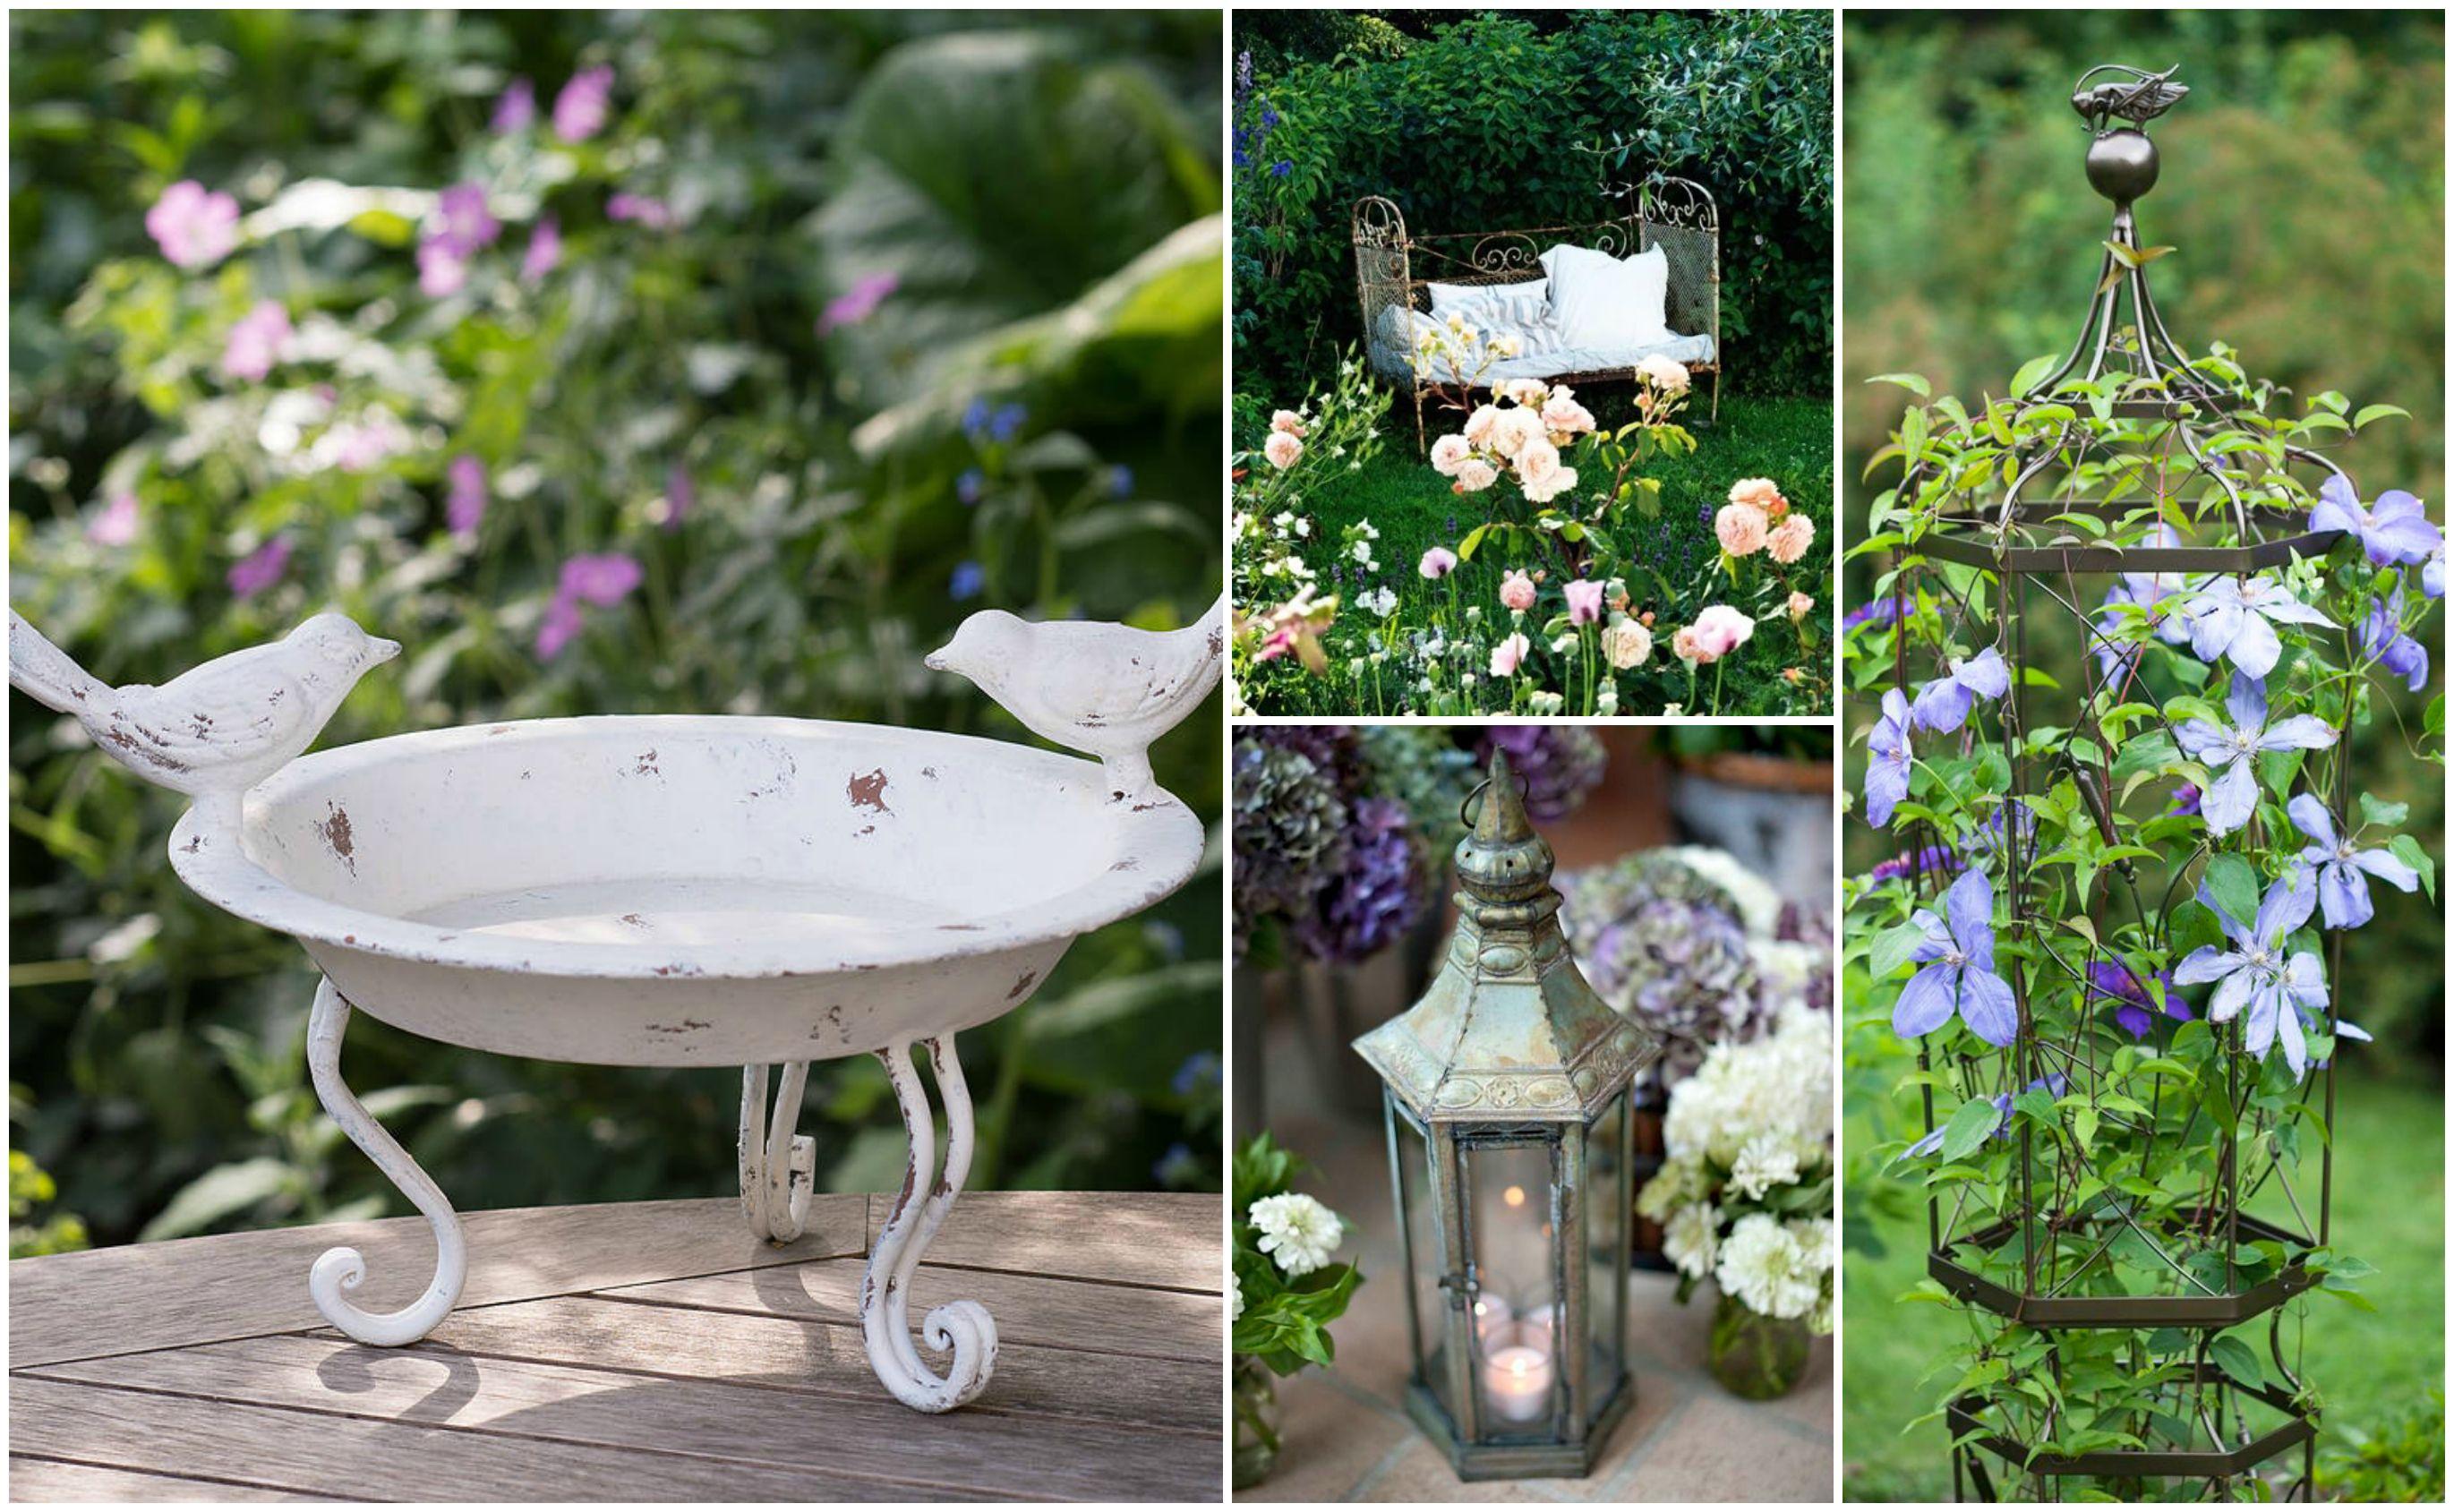 Come arredare un giardino in stile provenzale immagine - Arredare un giardino ...